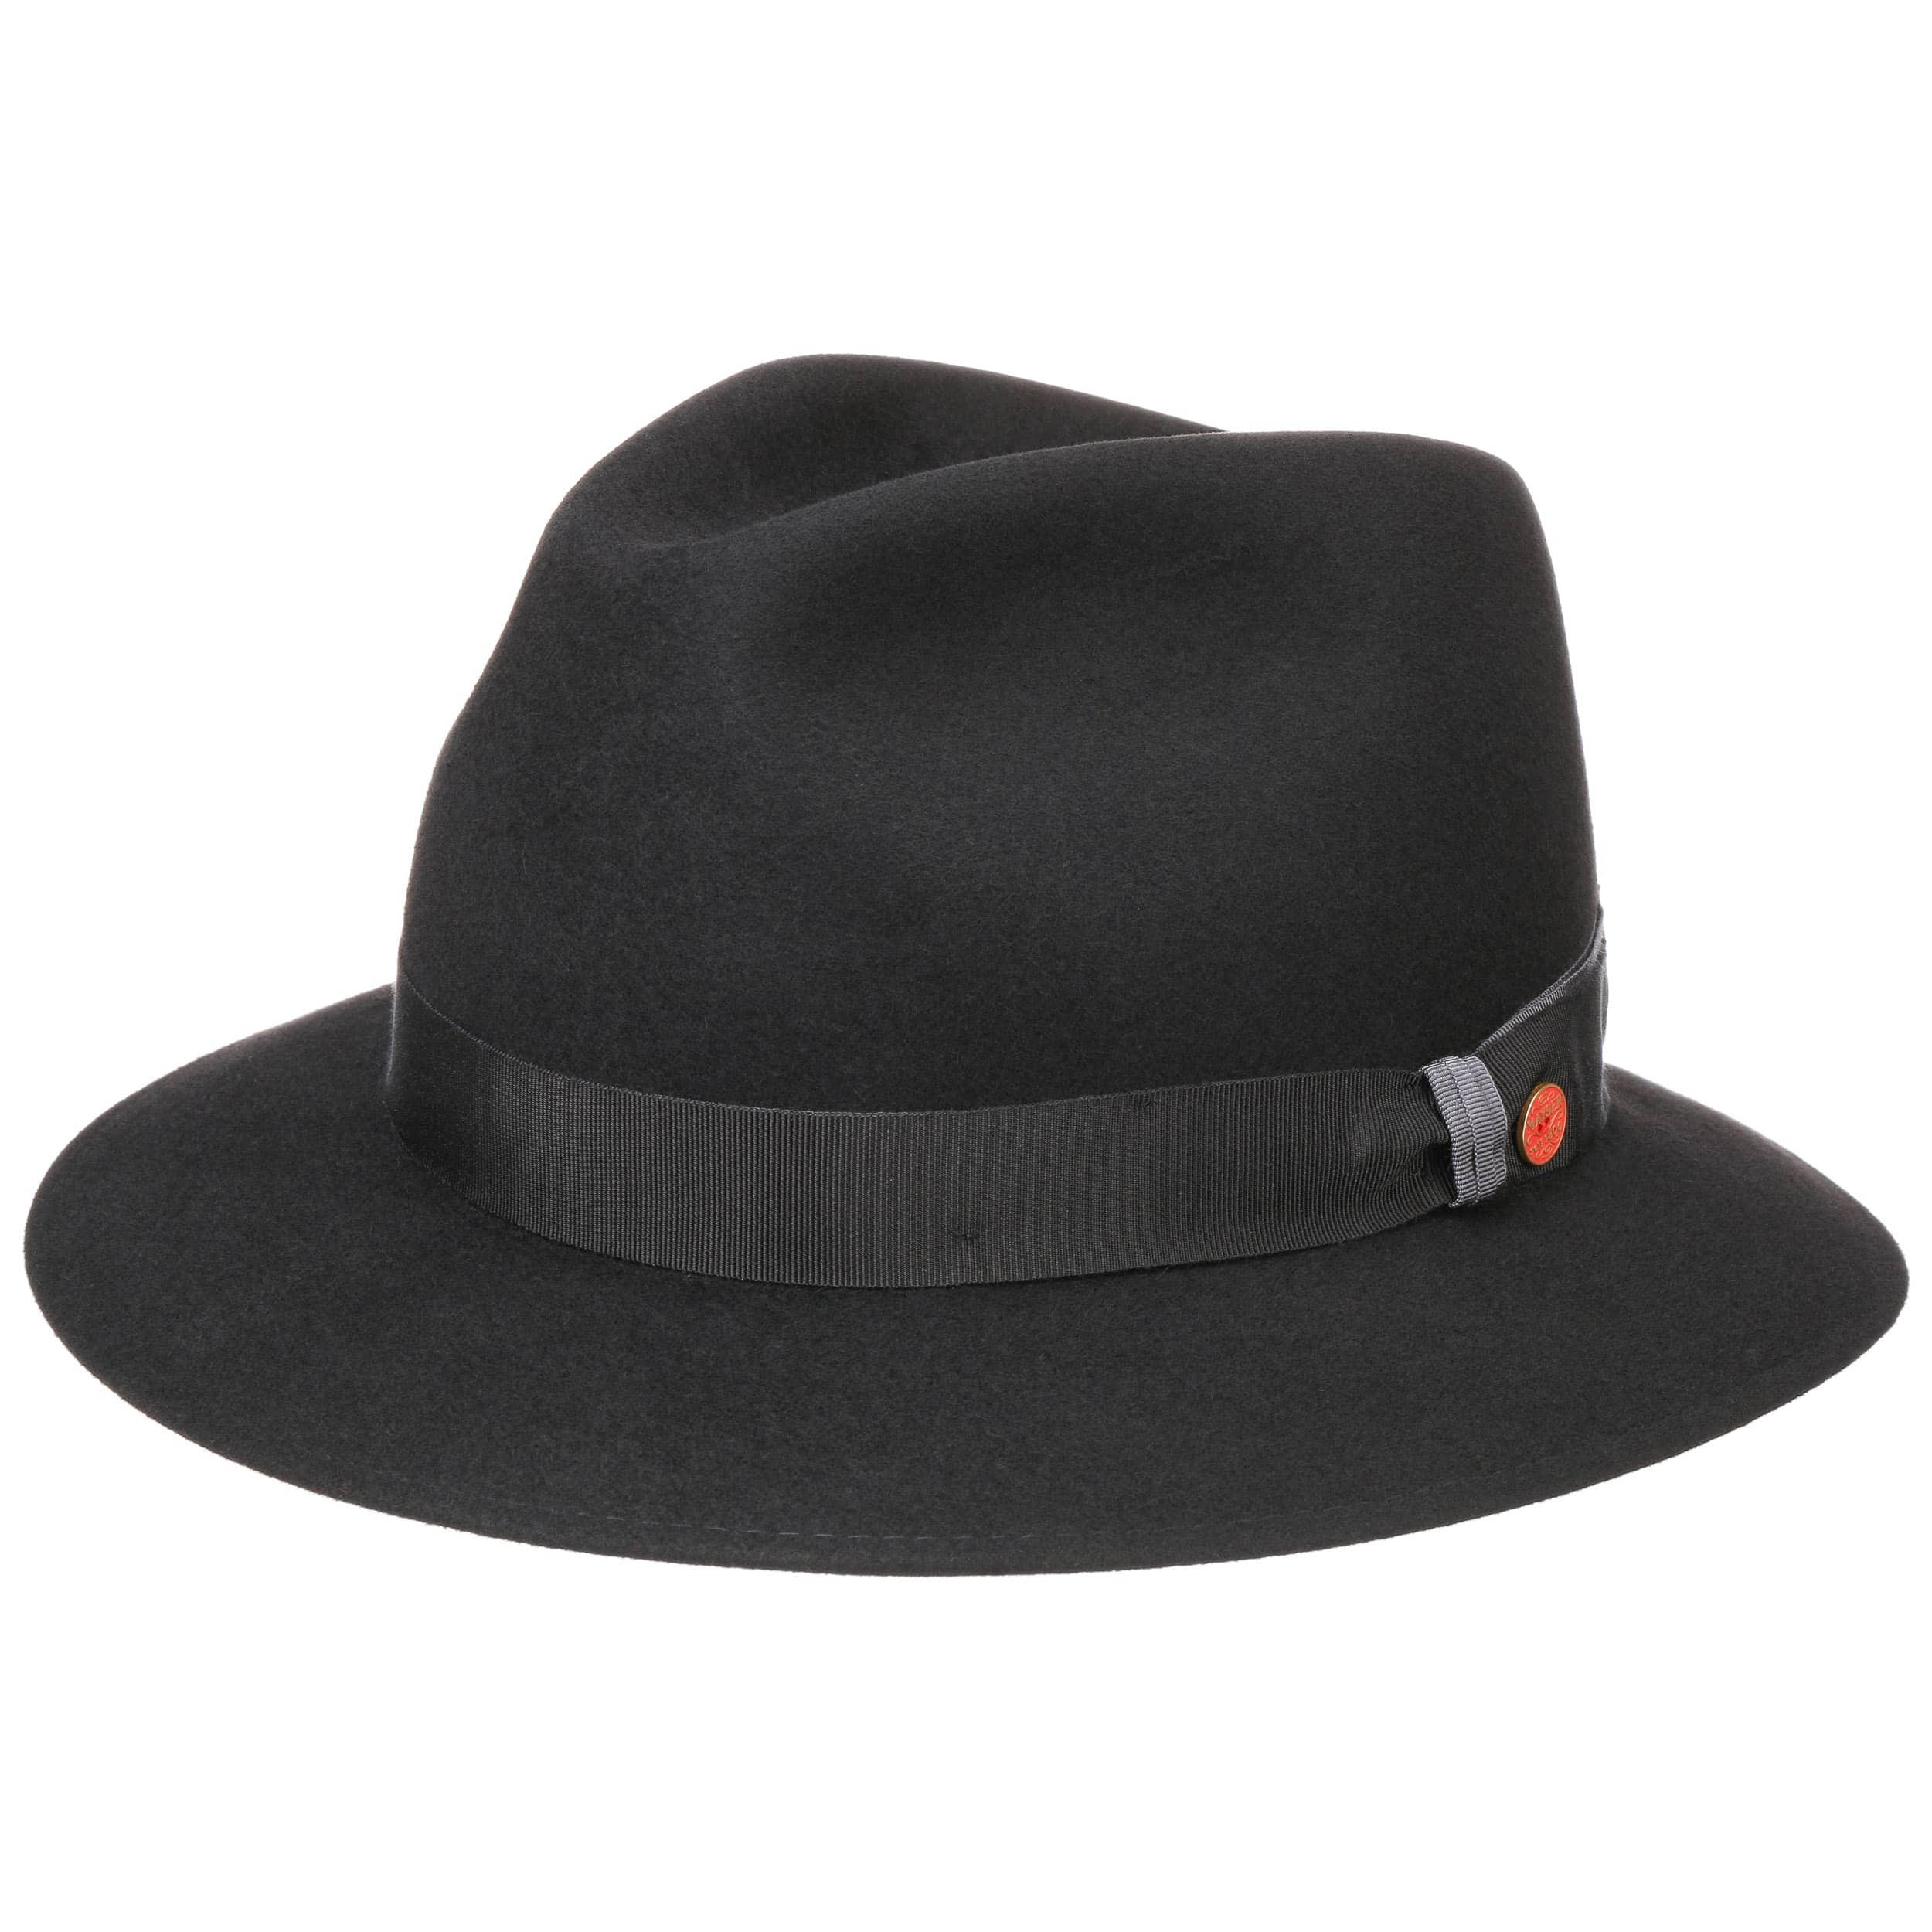 a72edca321645 Sombrero Traveller Felix Hairitage by Mayser - Sombreros ...